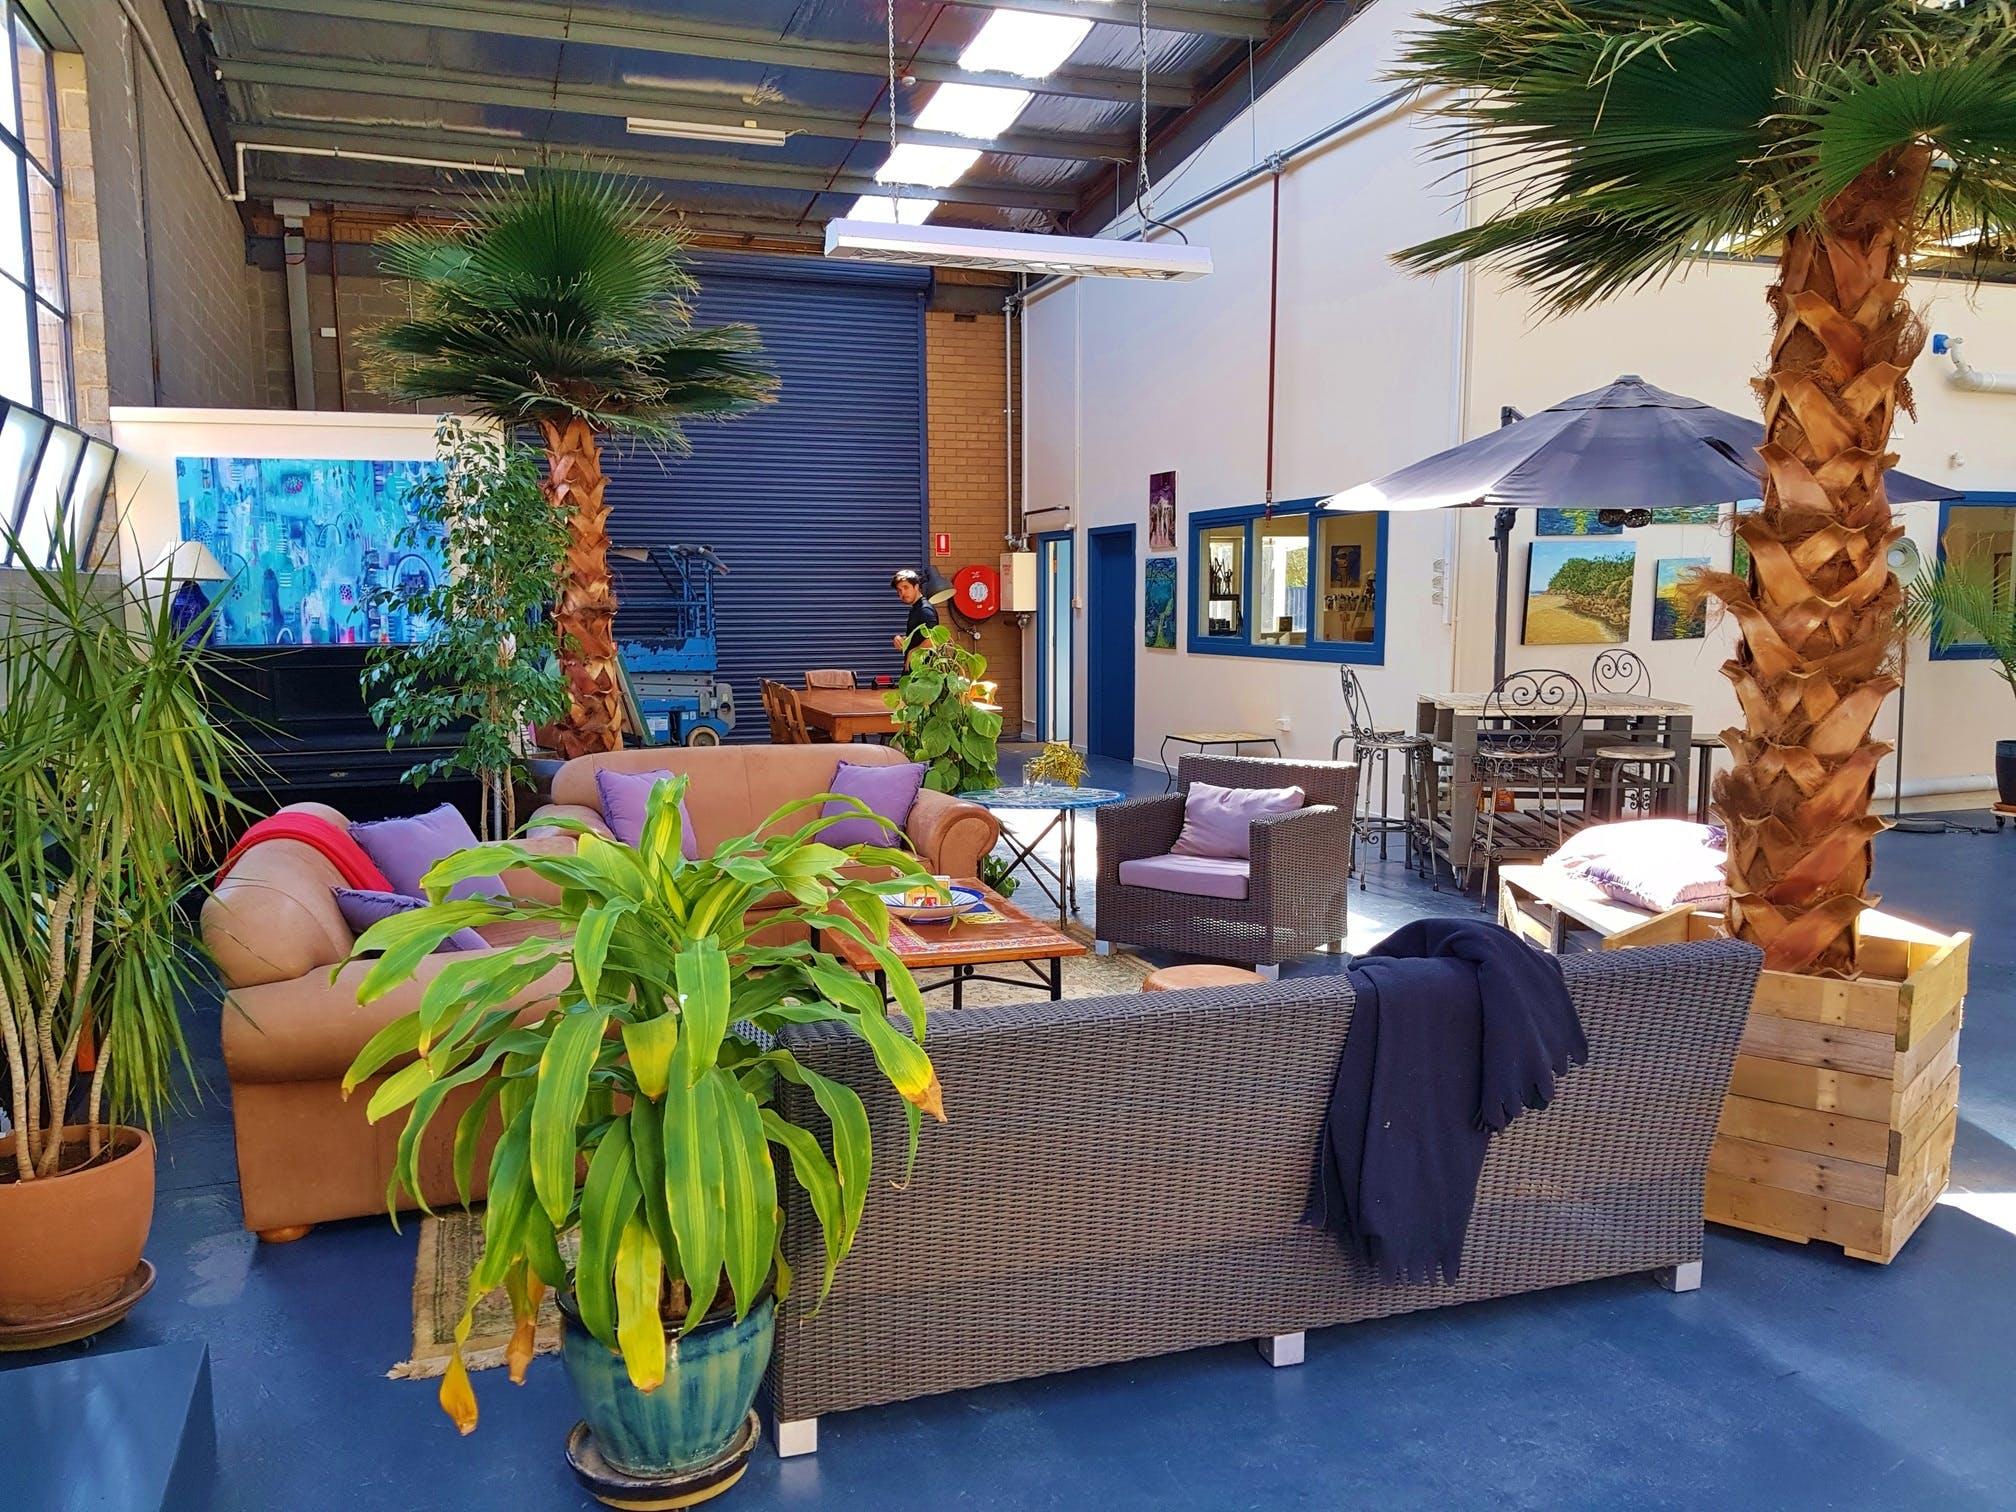 Gallery at Le Studio Art Space & Ceramic Studio, image 4